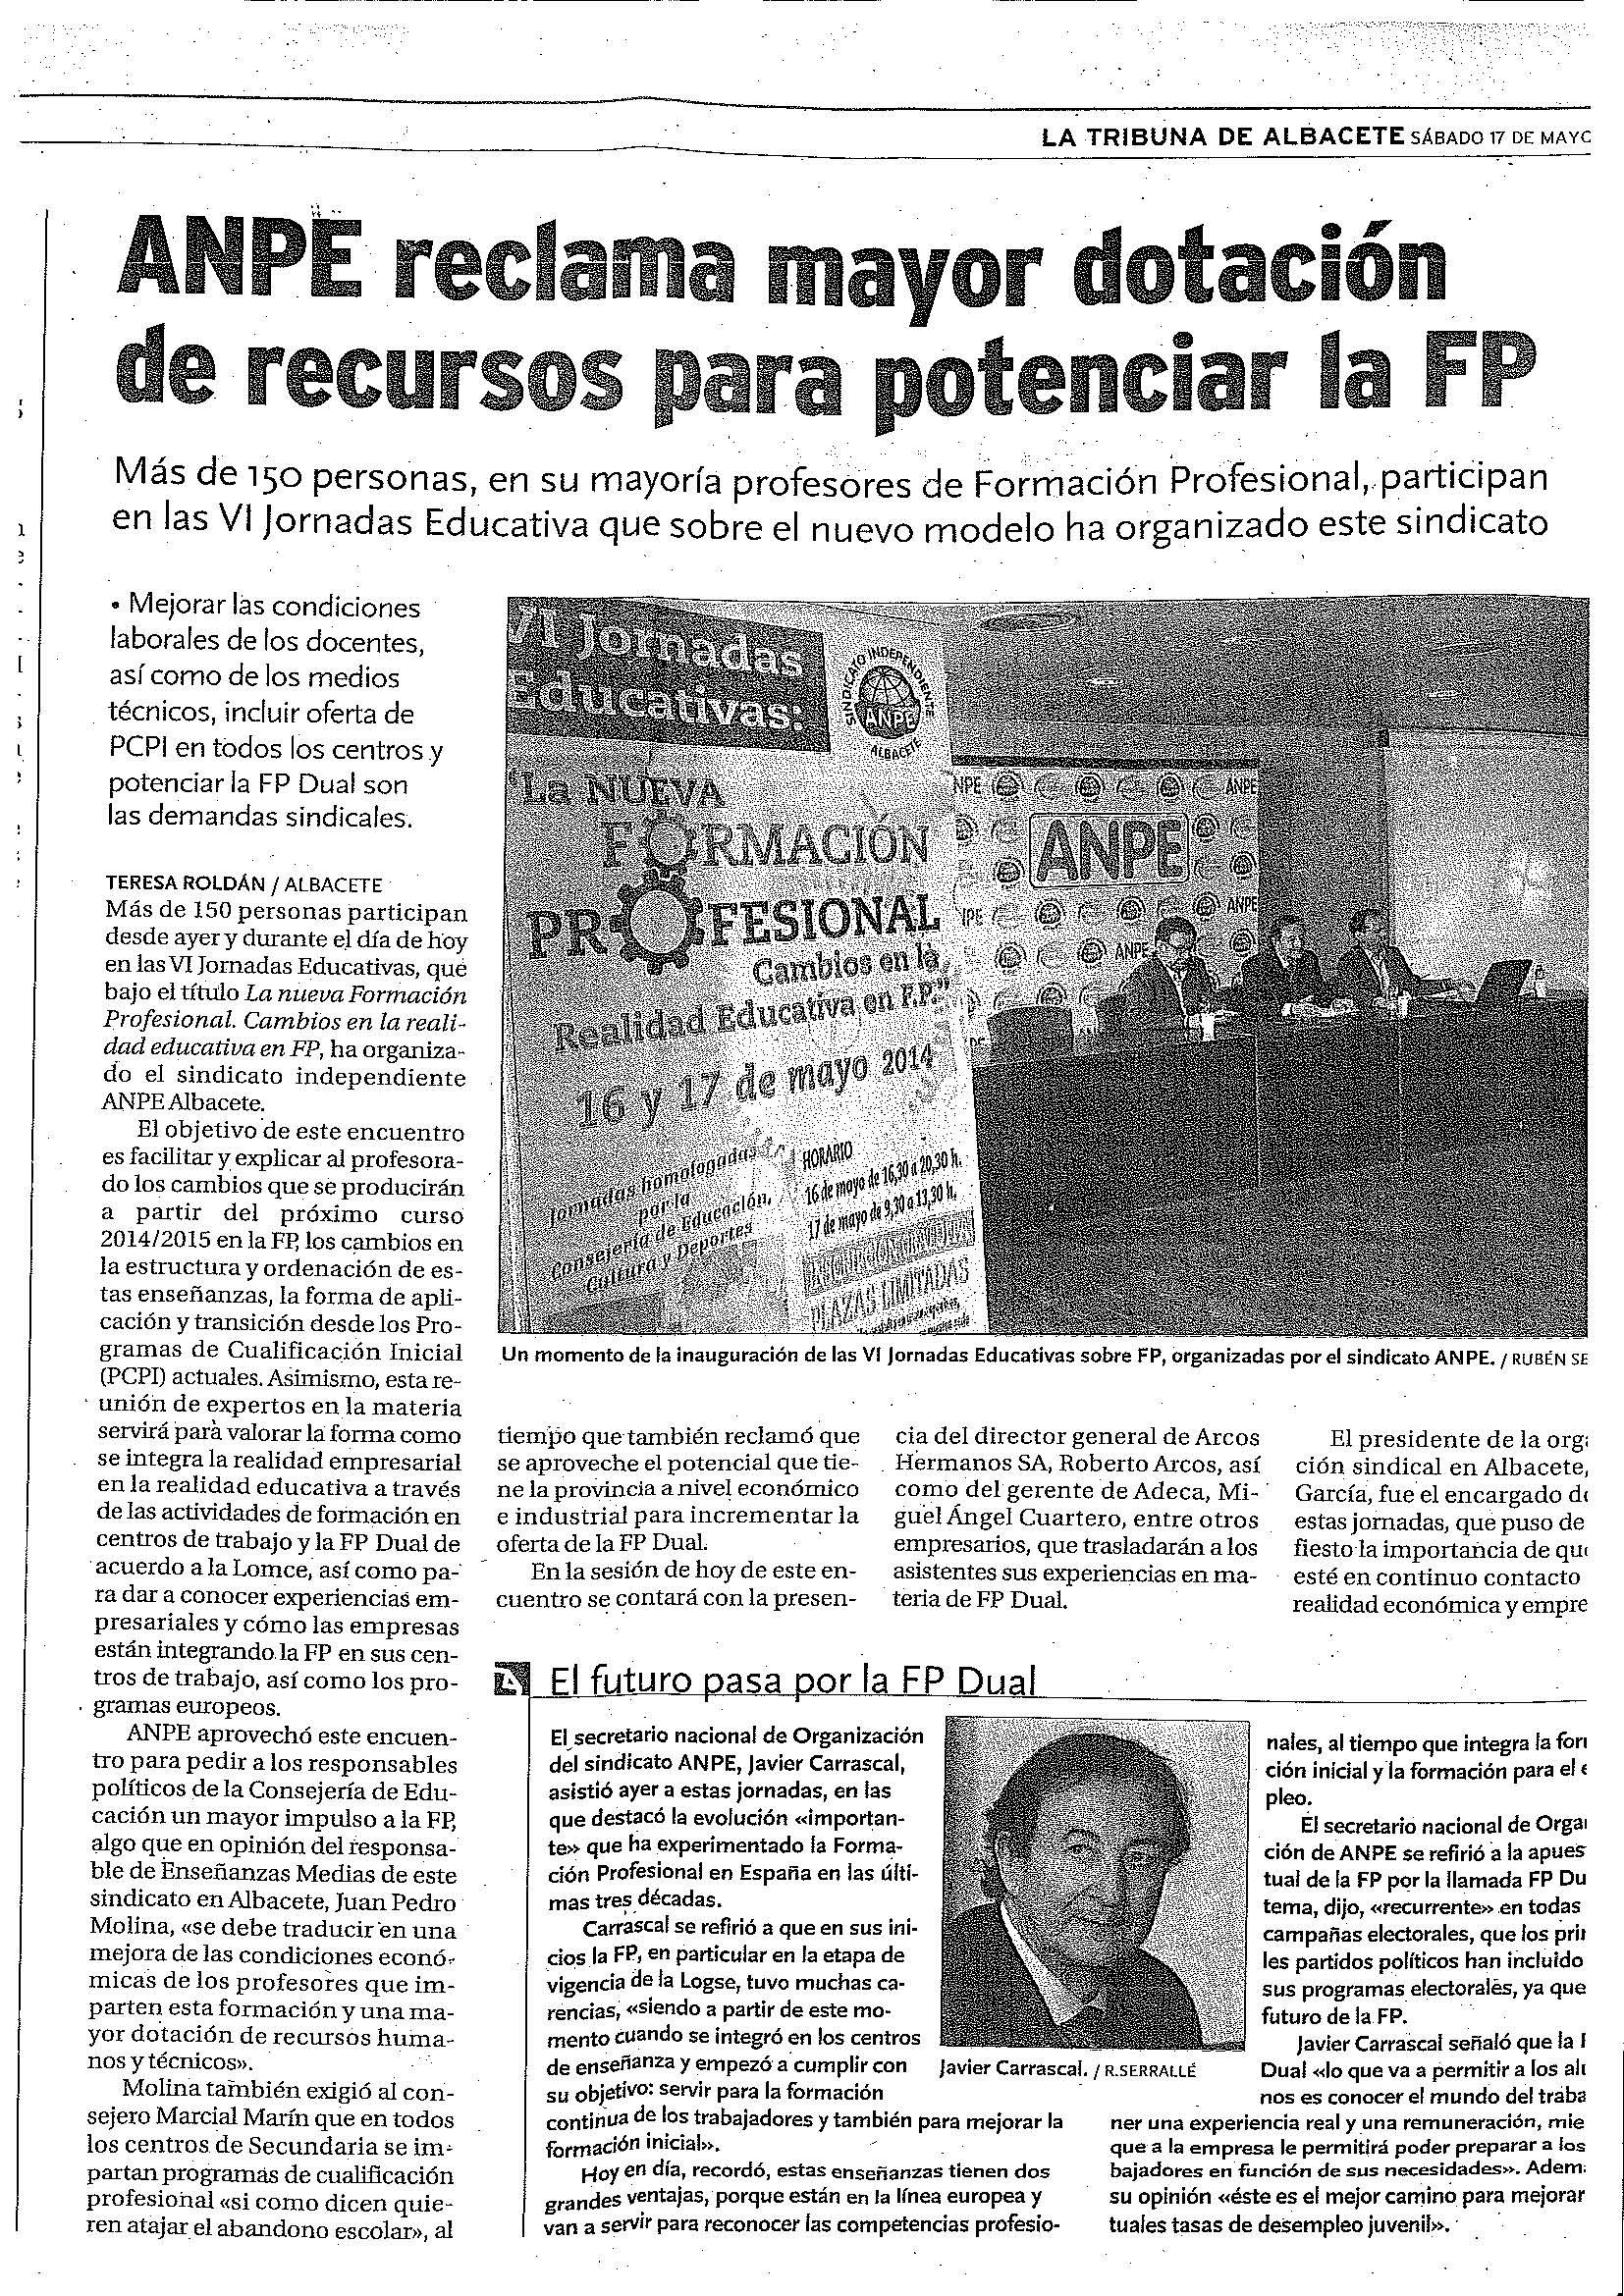 anpe albacete sindicato educación formación fp